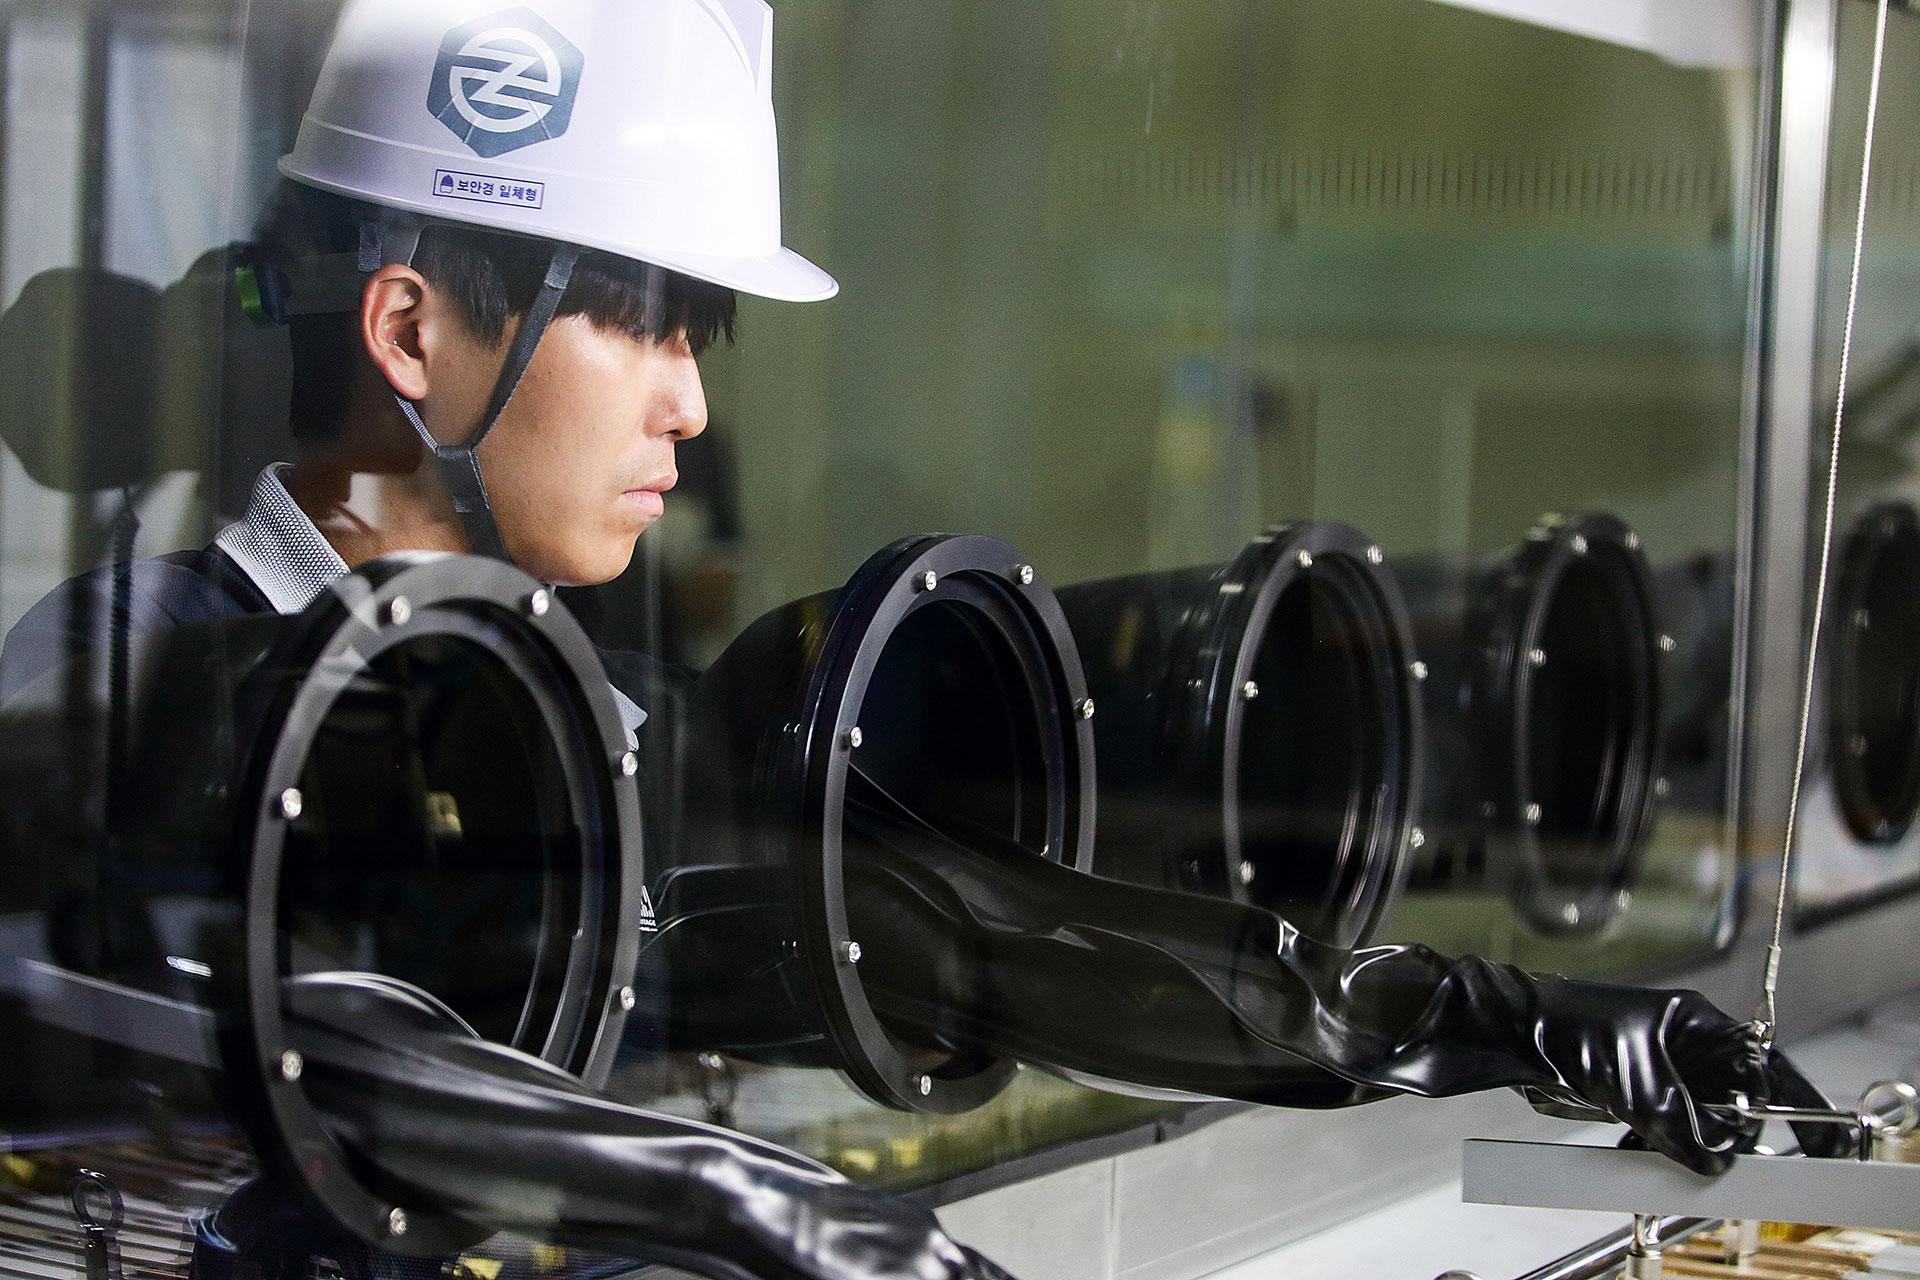 ASM produces 6kg of neodymium iron boron (NdFeB) alloy